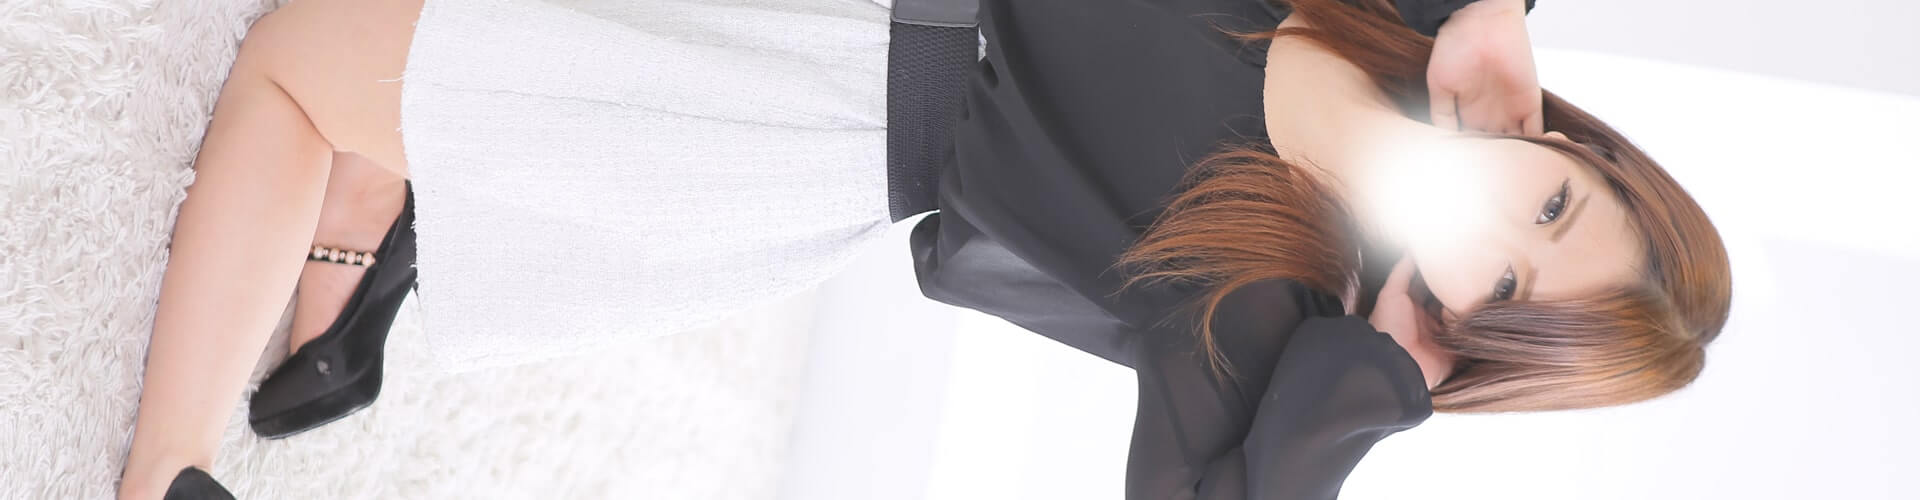 千葉風俗・千葉市発デリヘル風俗【キャンパスサミット千葉店】モデルいぶ写真